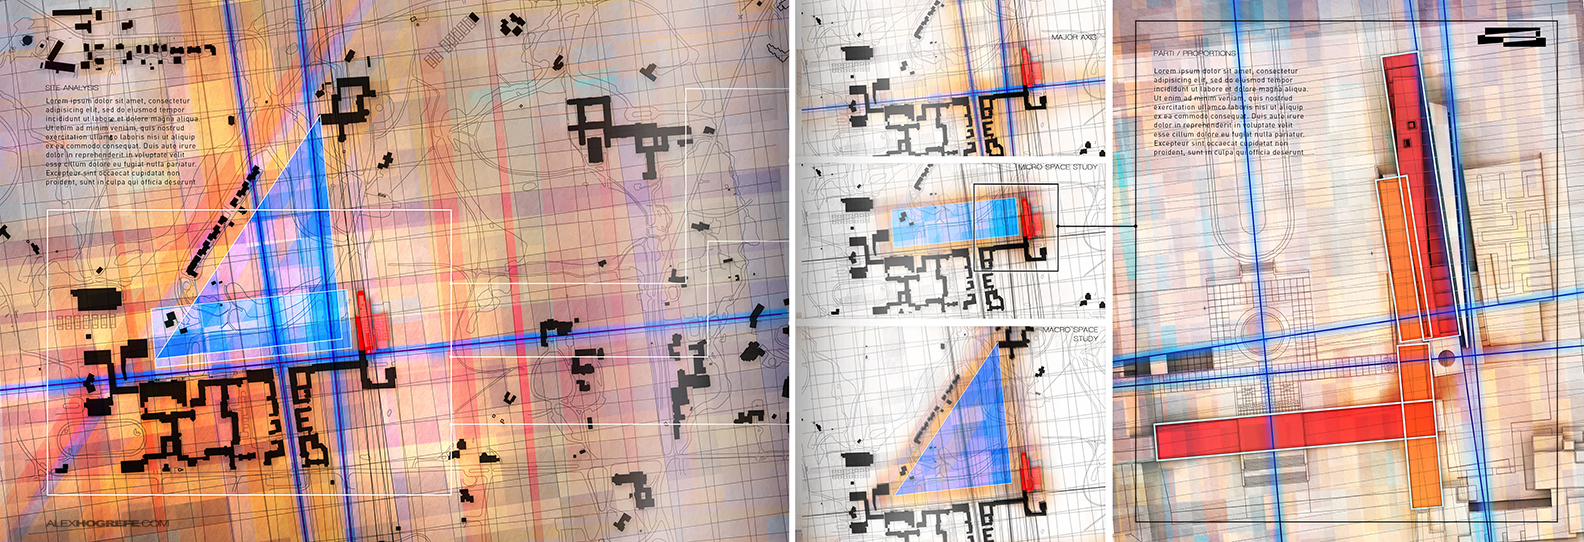 Gallery_cranbrook_portfolio_spread_diagrams